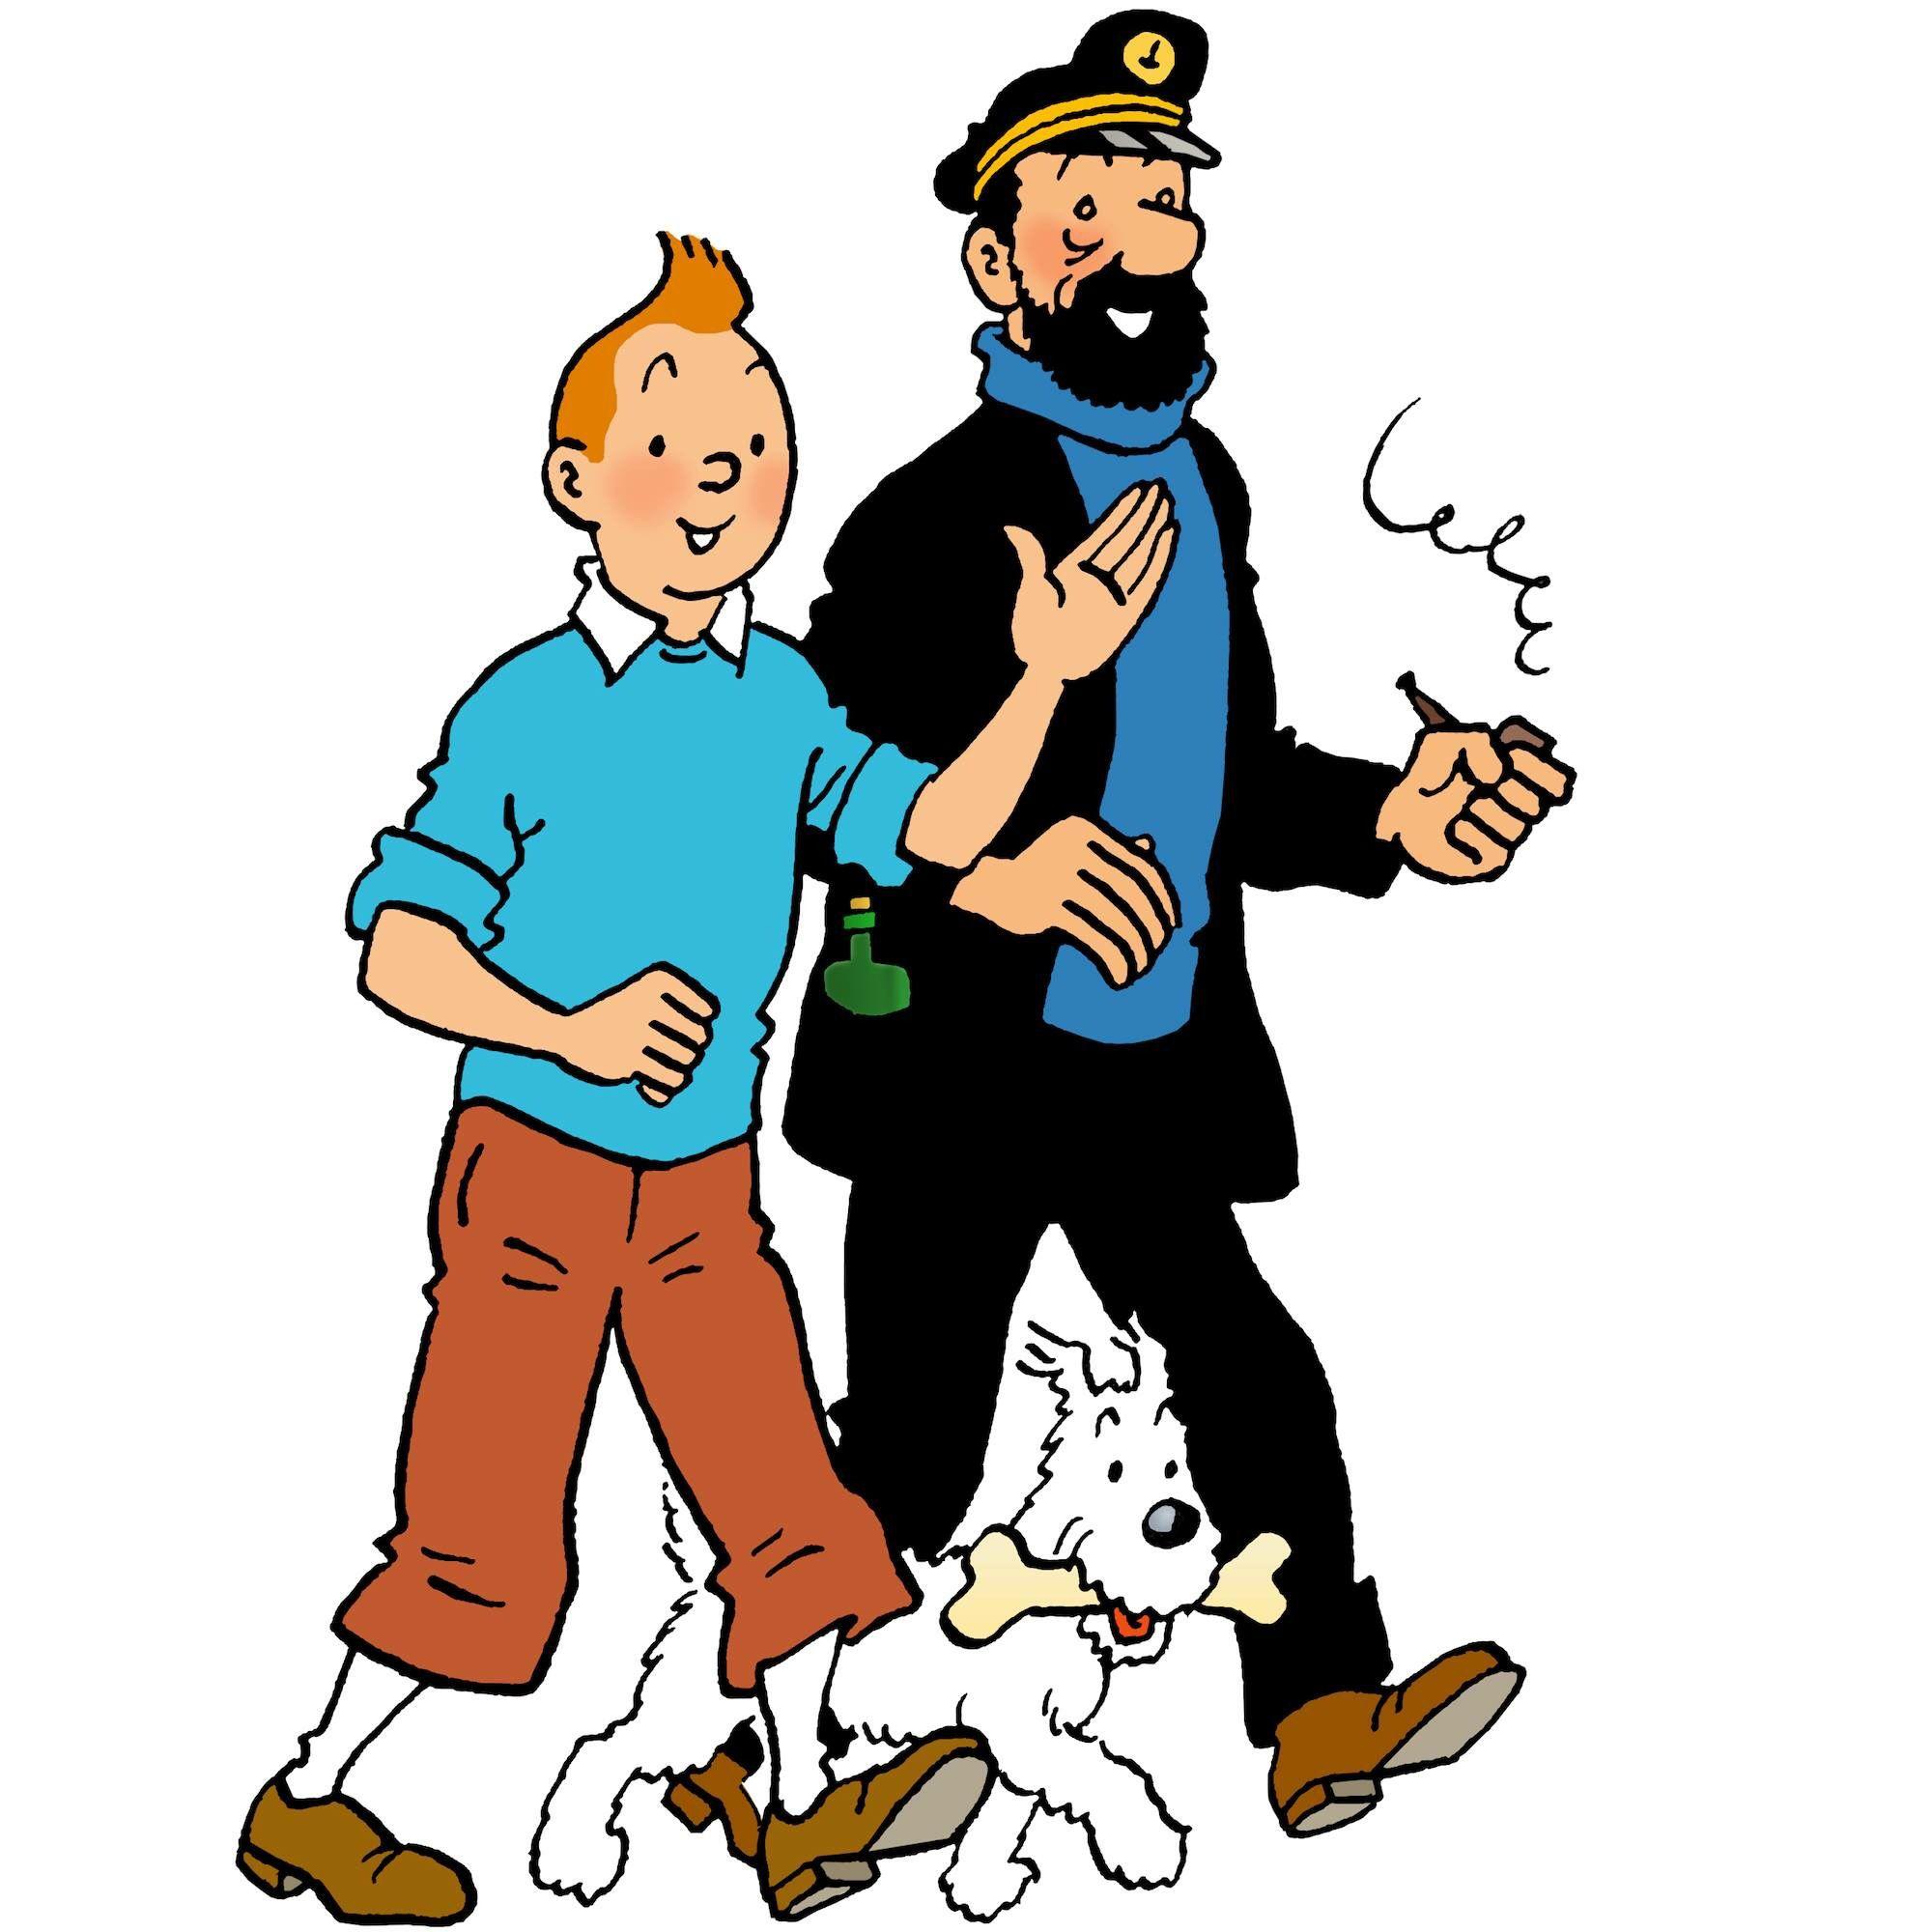 1960 avec les amiti s de tintin et milou du capitaine - Image de tintin et milou ...